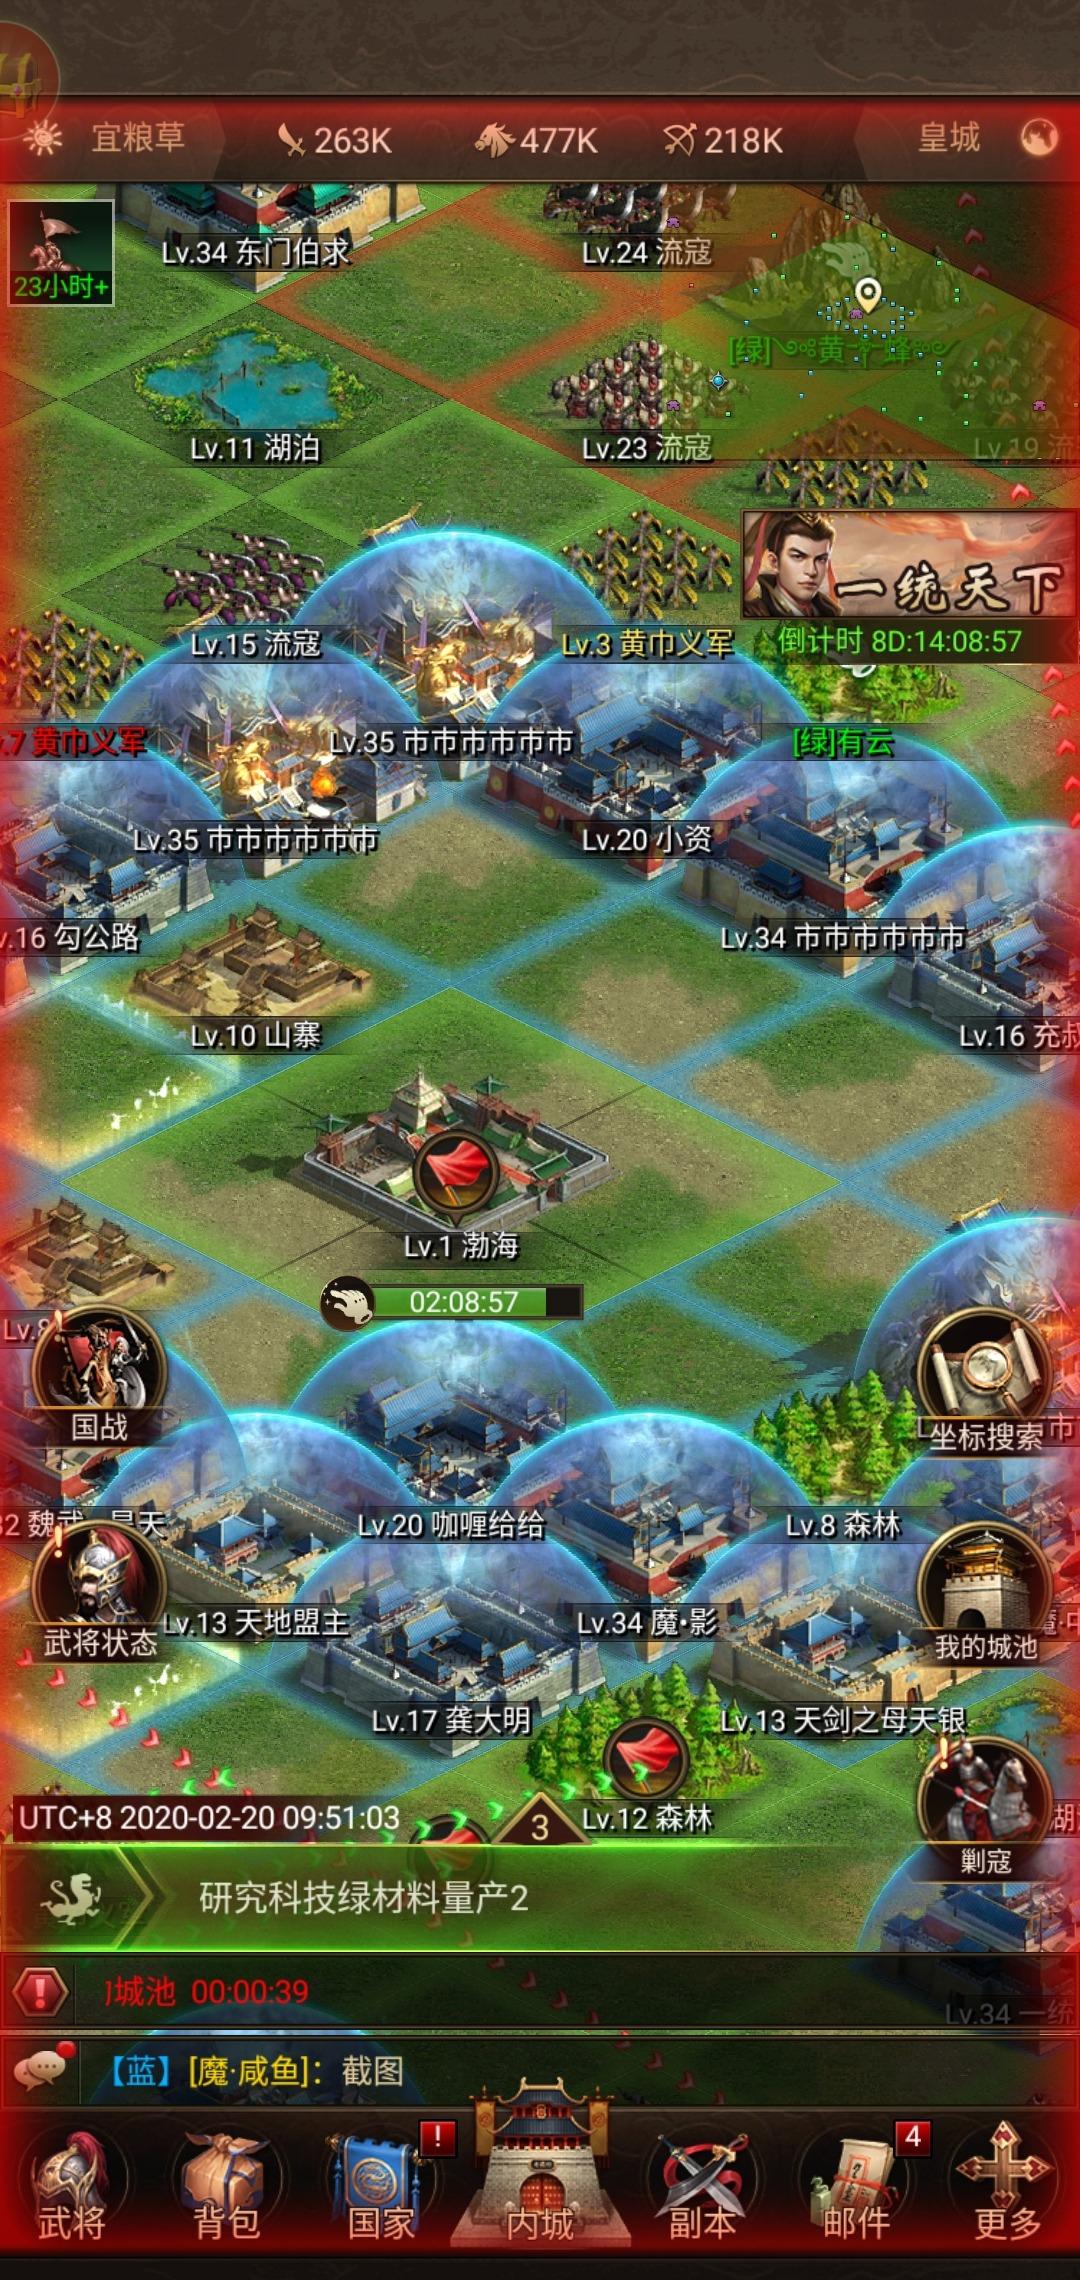 Screenshot_2020-02-20-09-51-05-104_com.jedigames.p16.mi.jpg